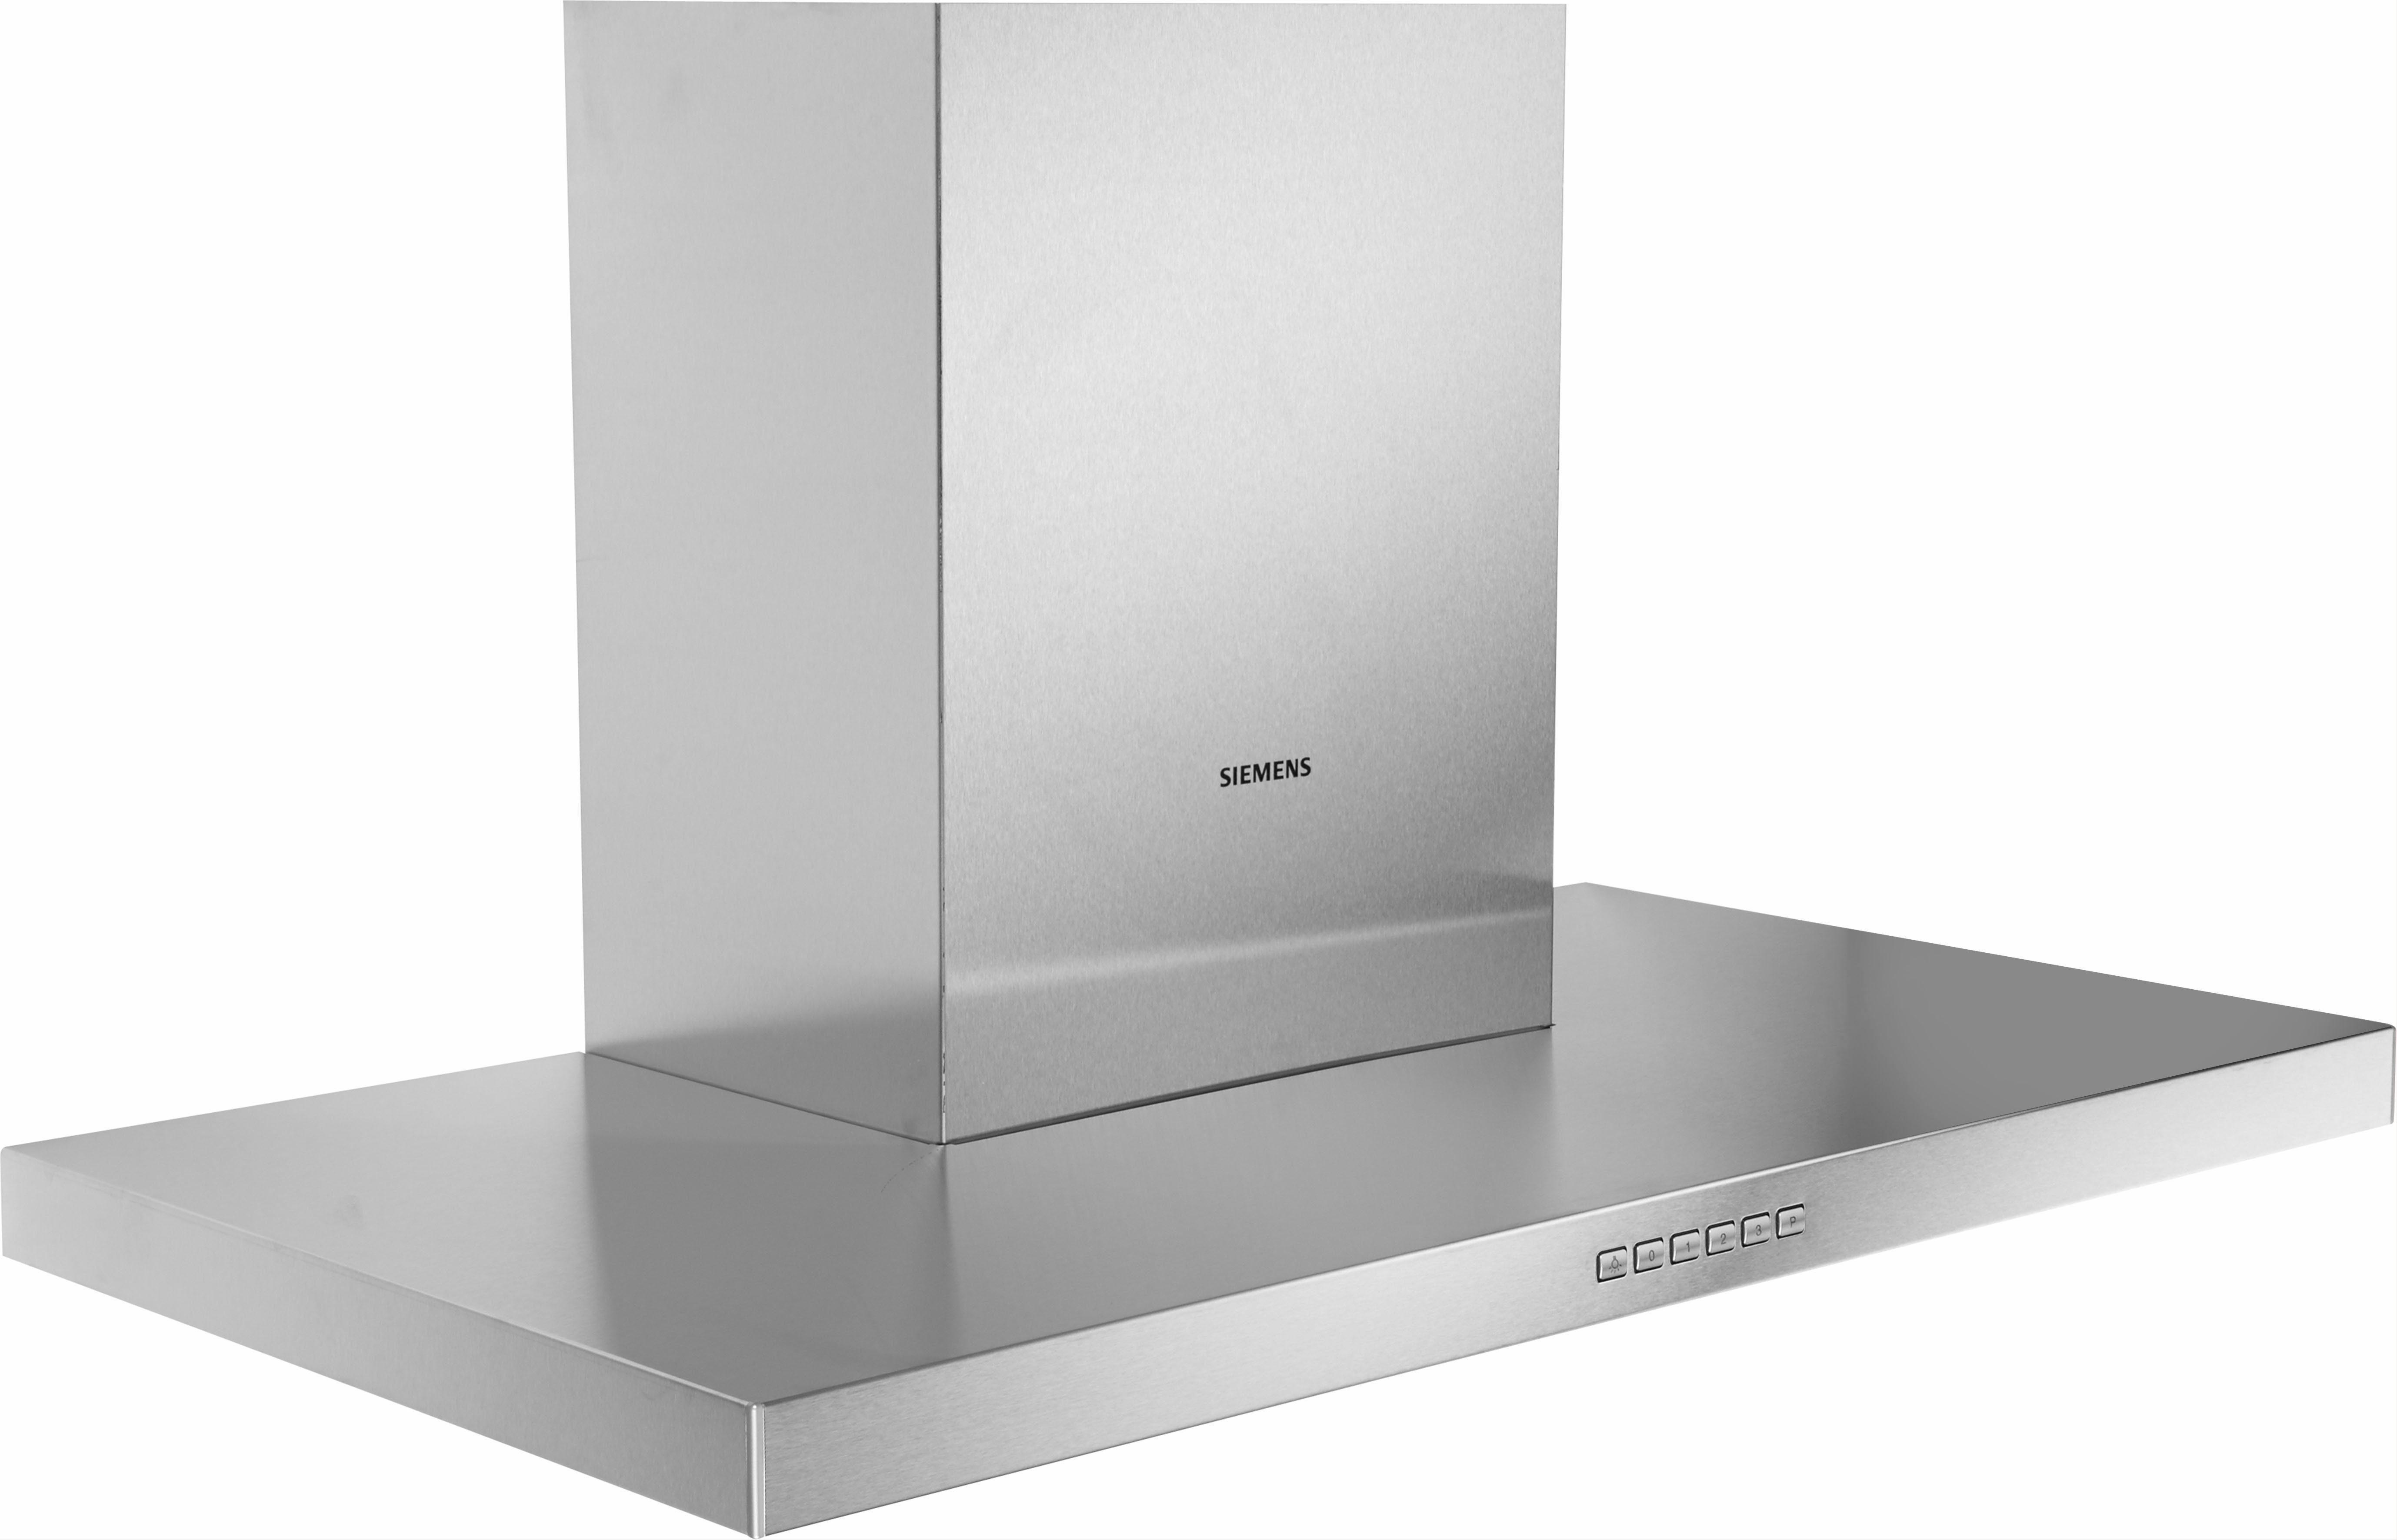 Siemens wandhaube lc bhm online kaufen otto